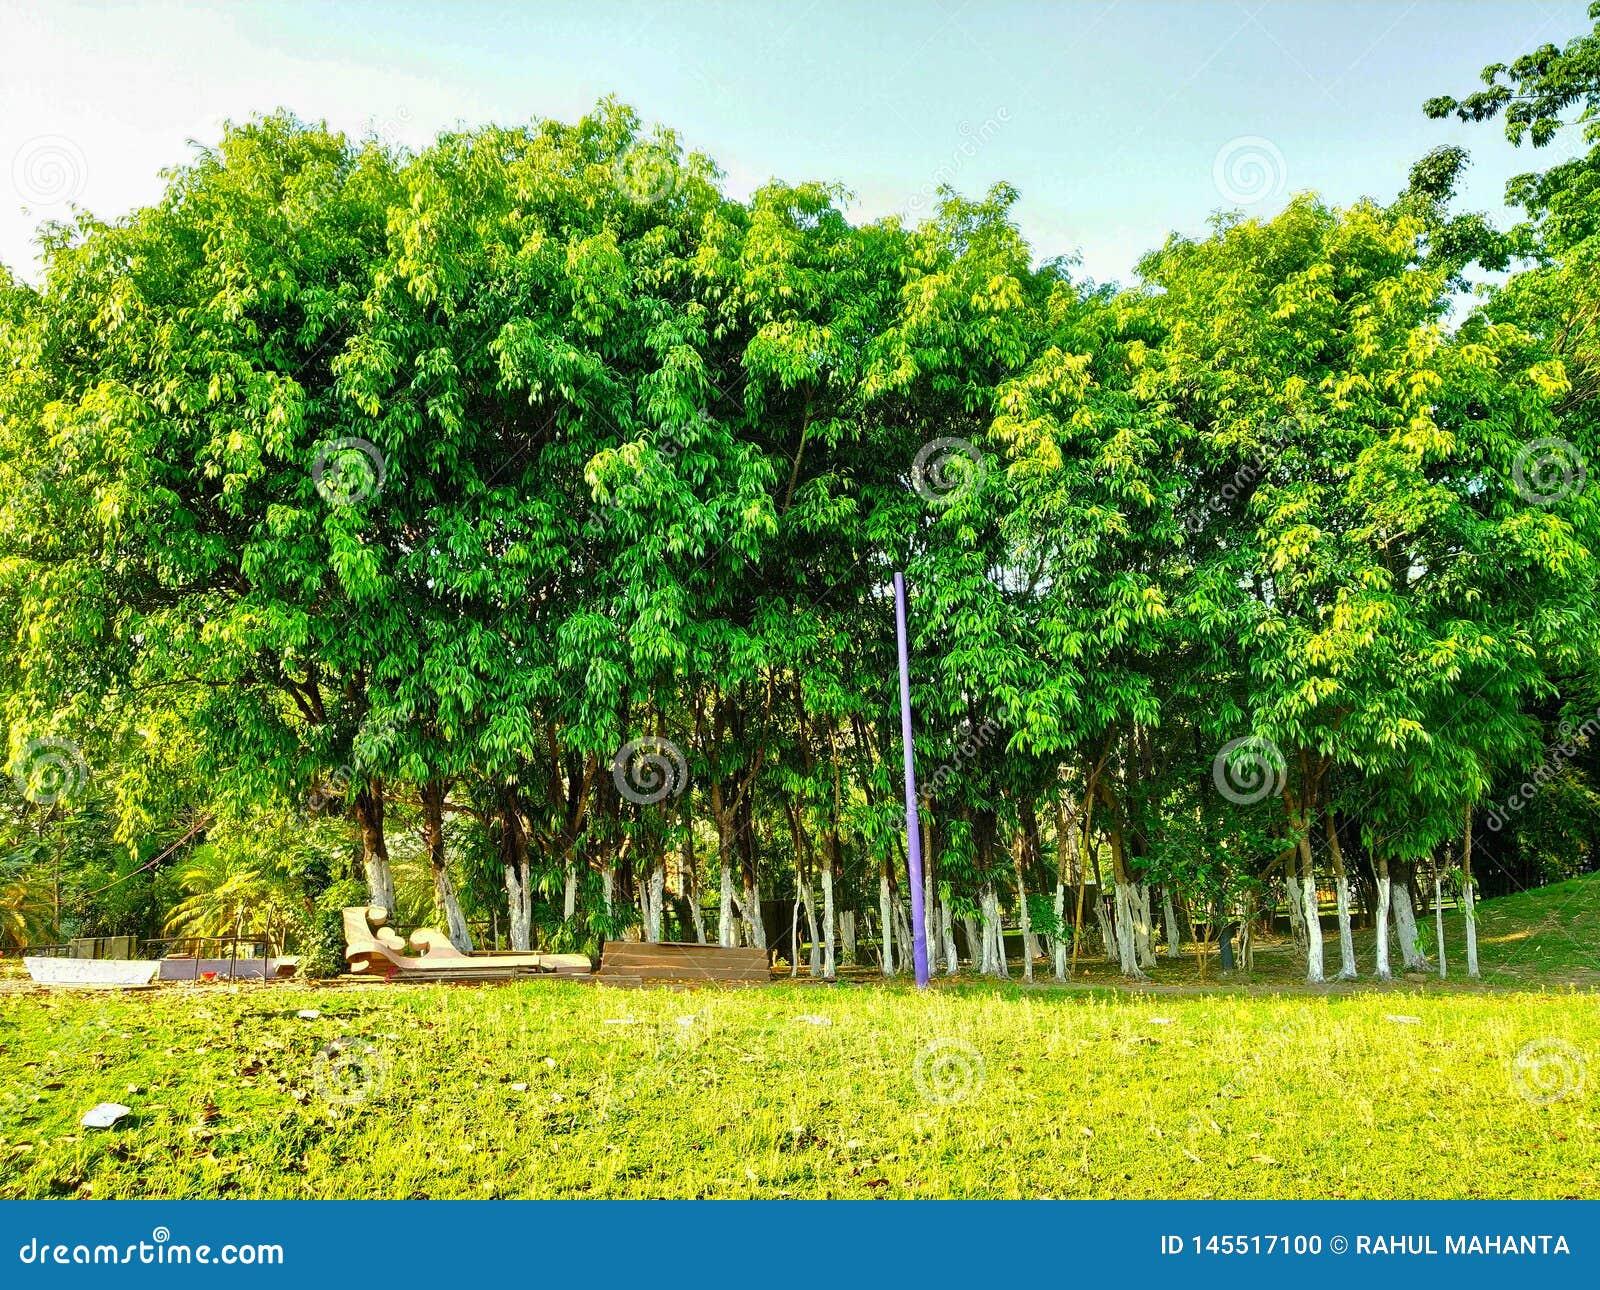 Το μικρό δάσος στον κήπο φαίνεται τόσο όμορφο και πράσινο και το υπόβα